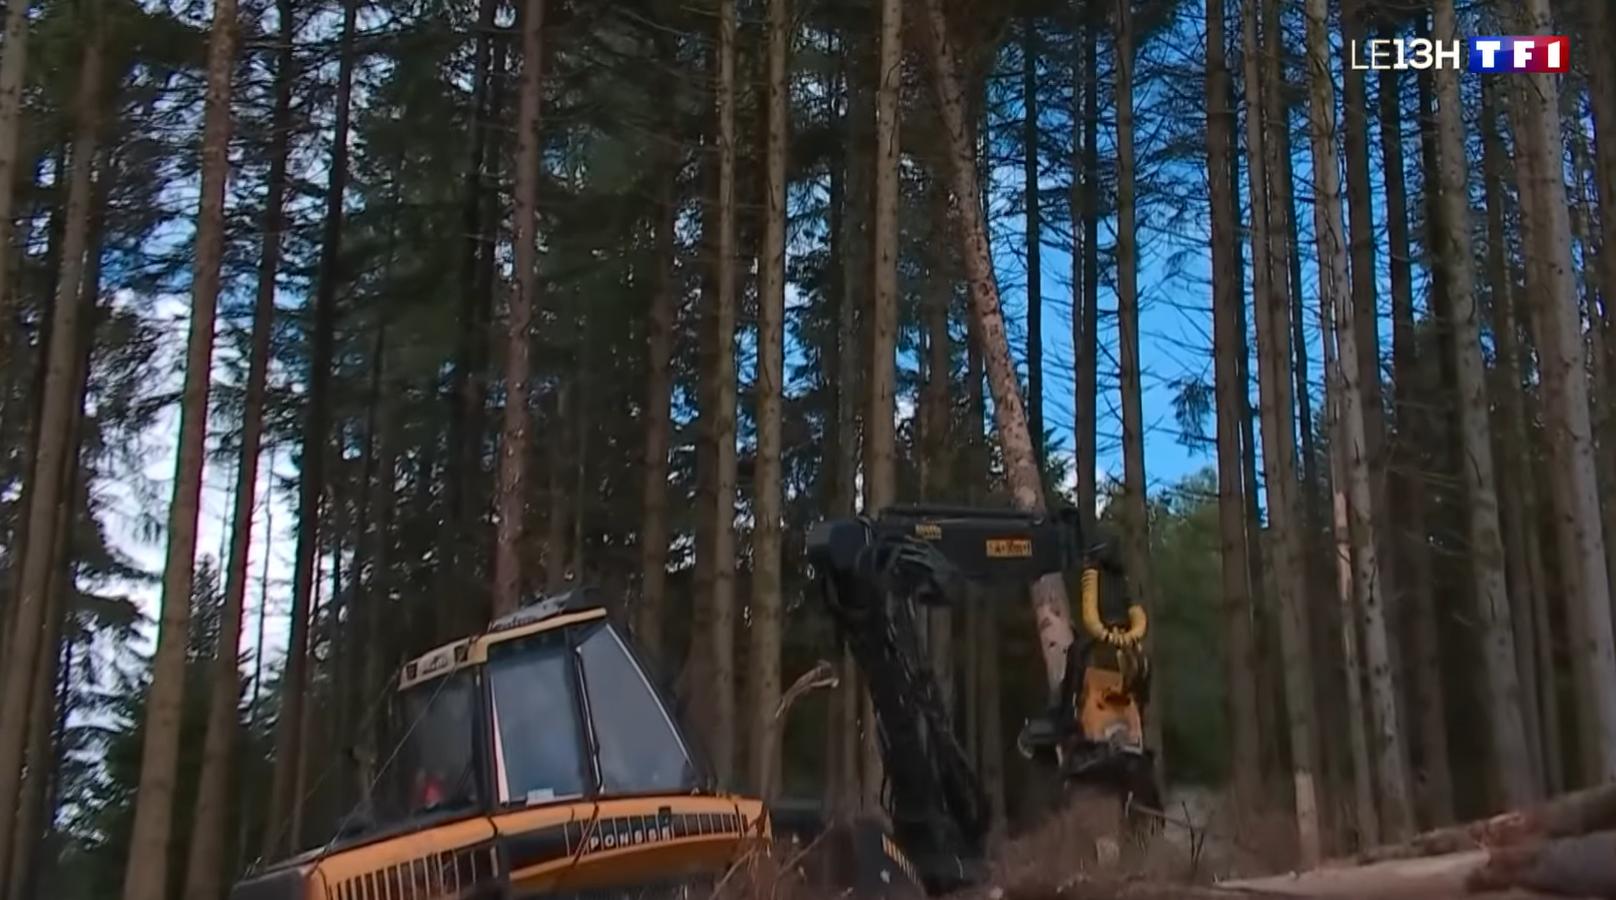 Reportage: Les scolytes ravagent les forêts